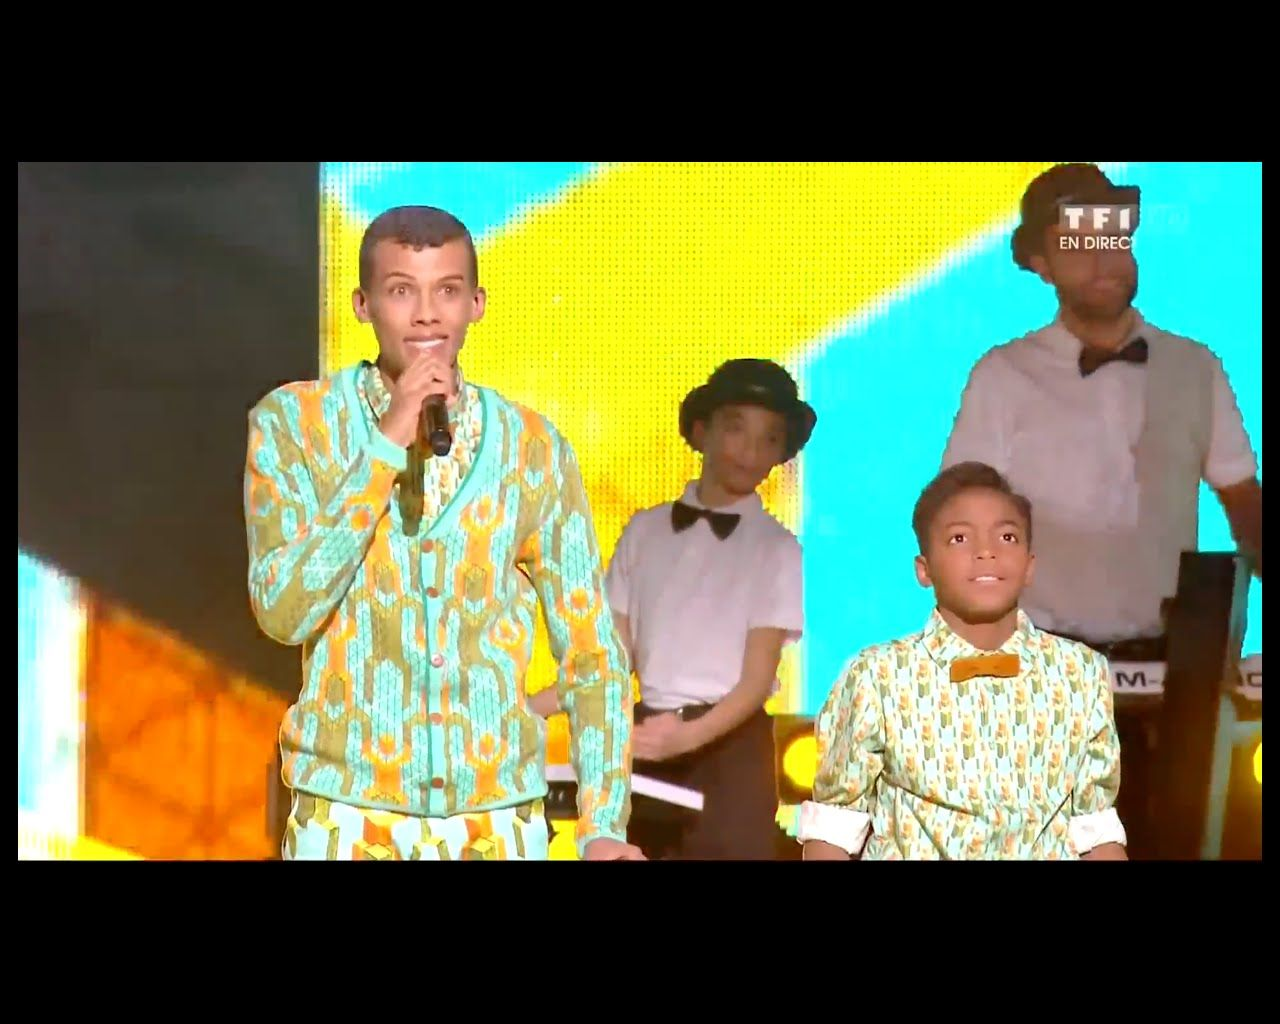 Stromae Papaoutai French Eng Lyrics מתורגם